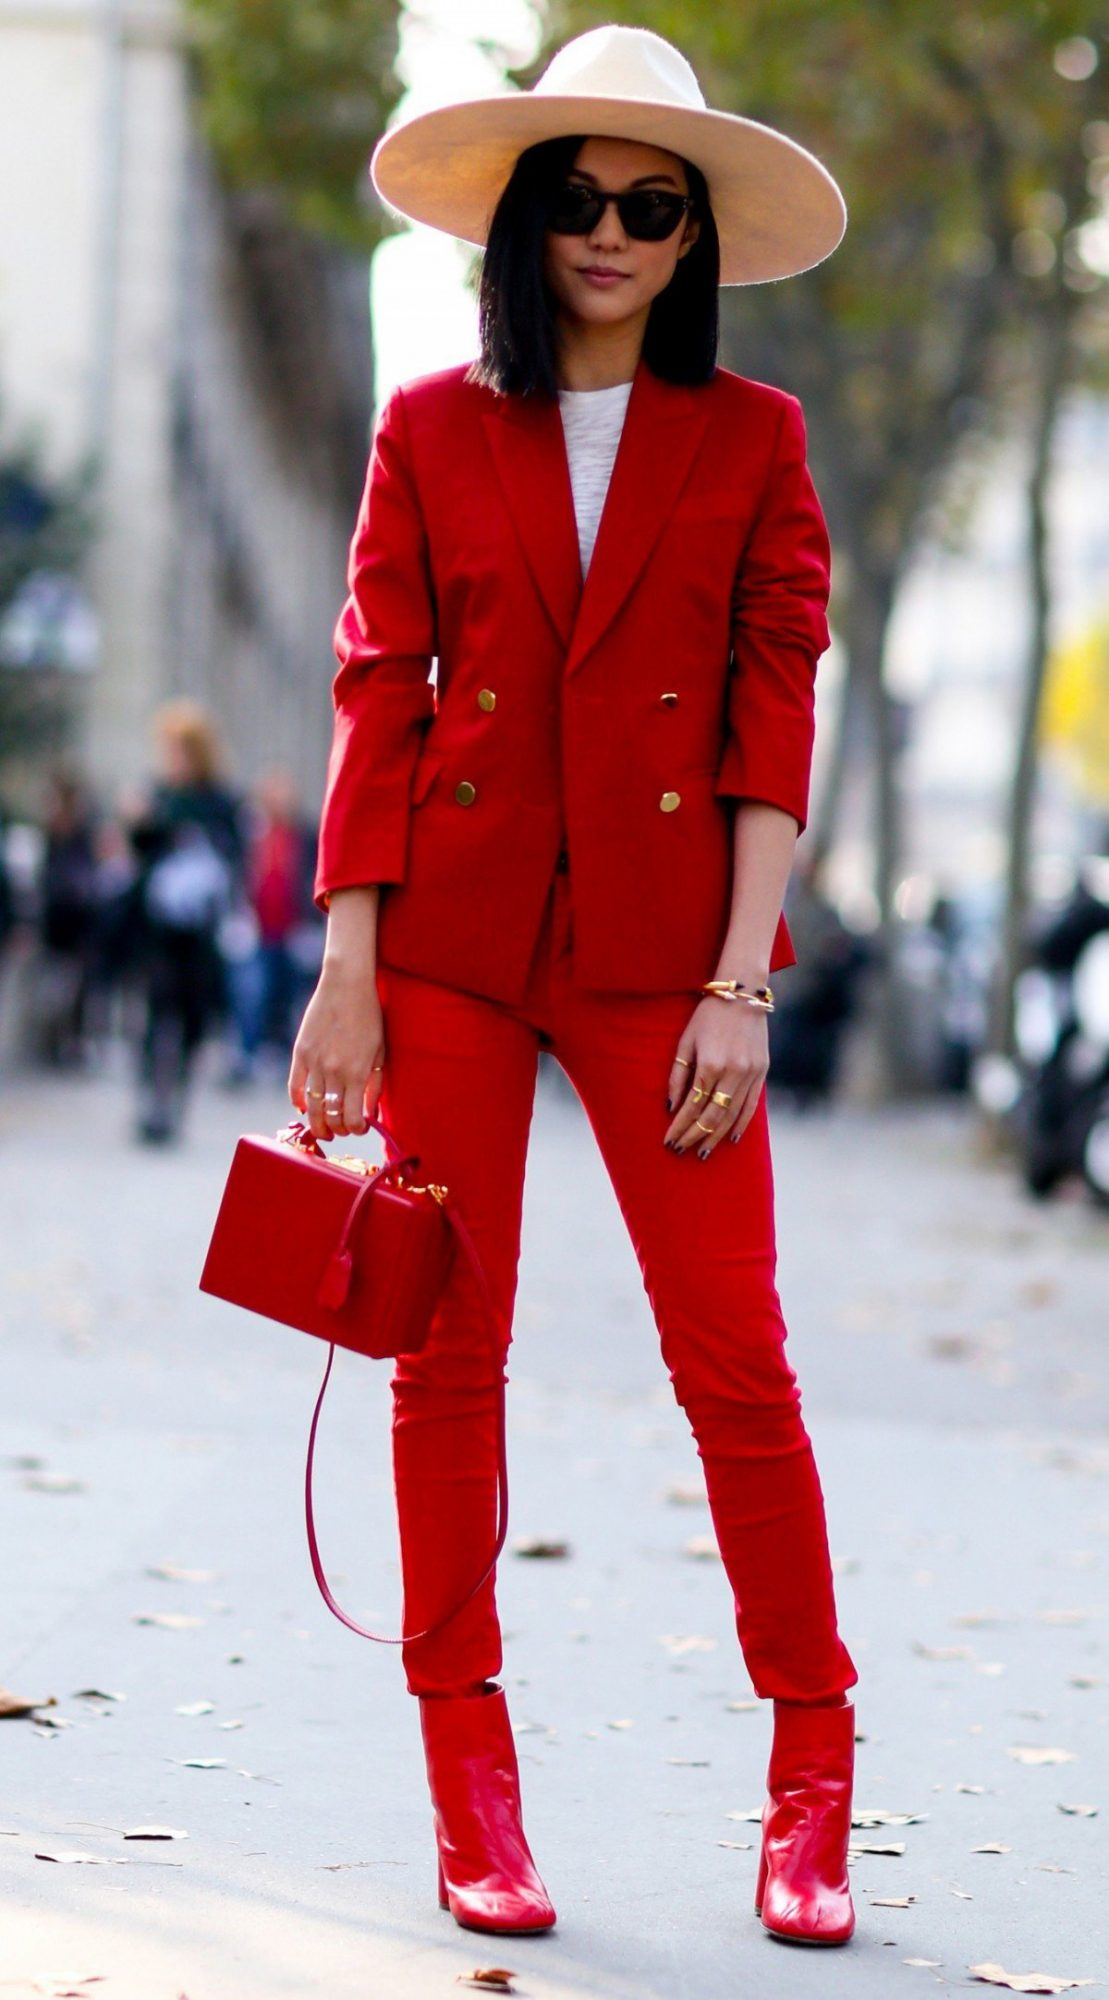 широкополая шляпа с красным костюмом